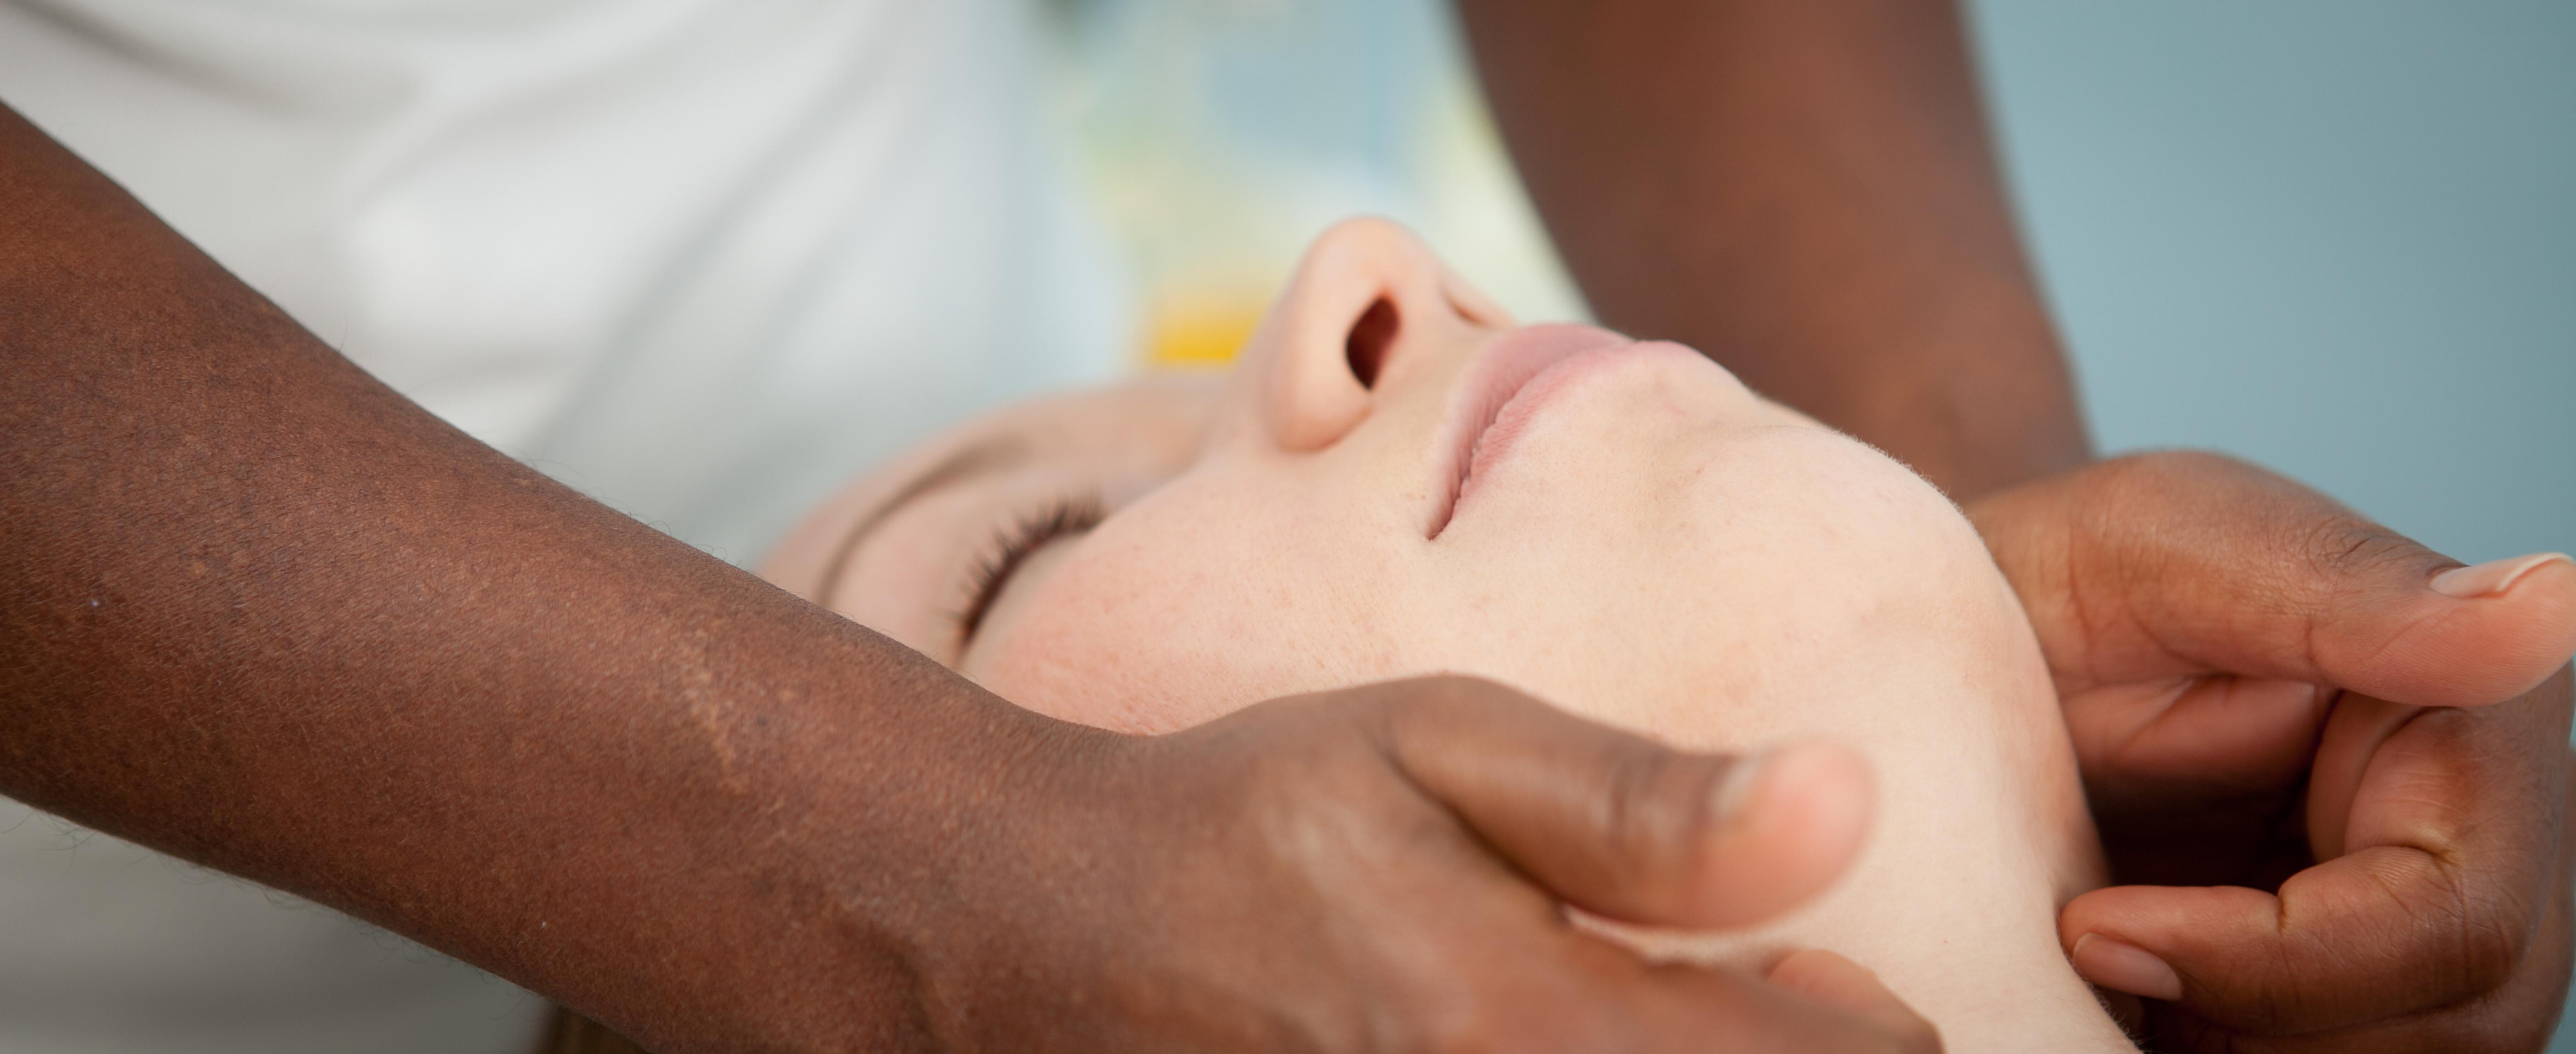 massage19